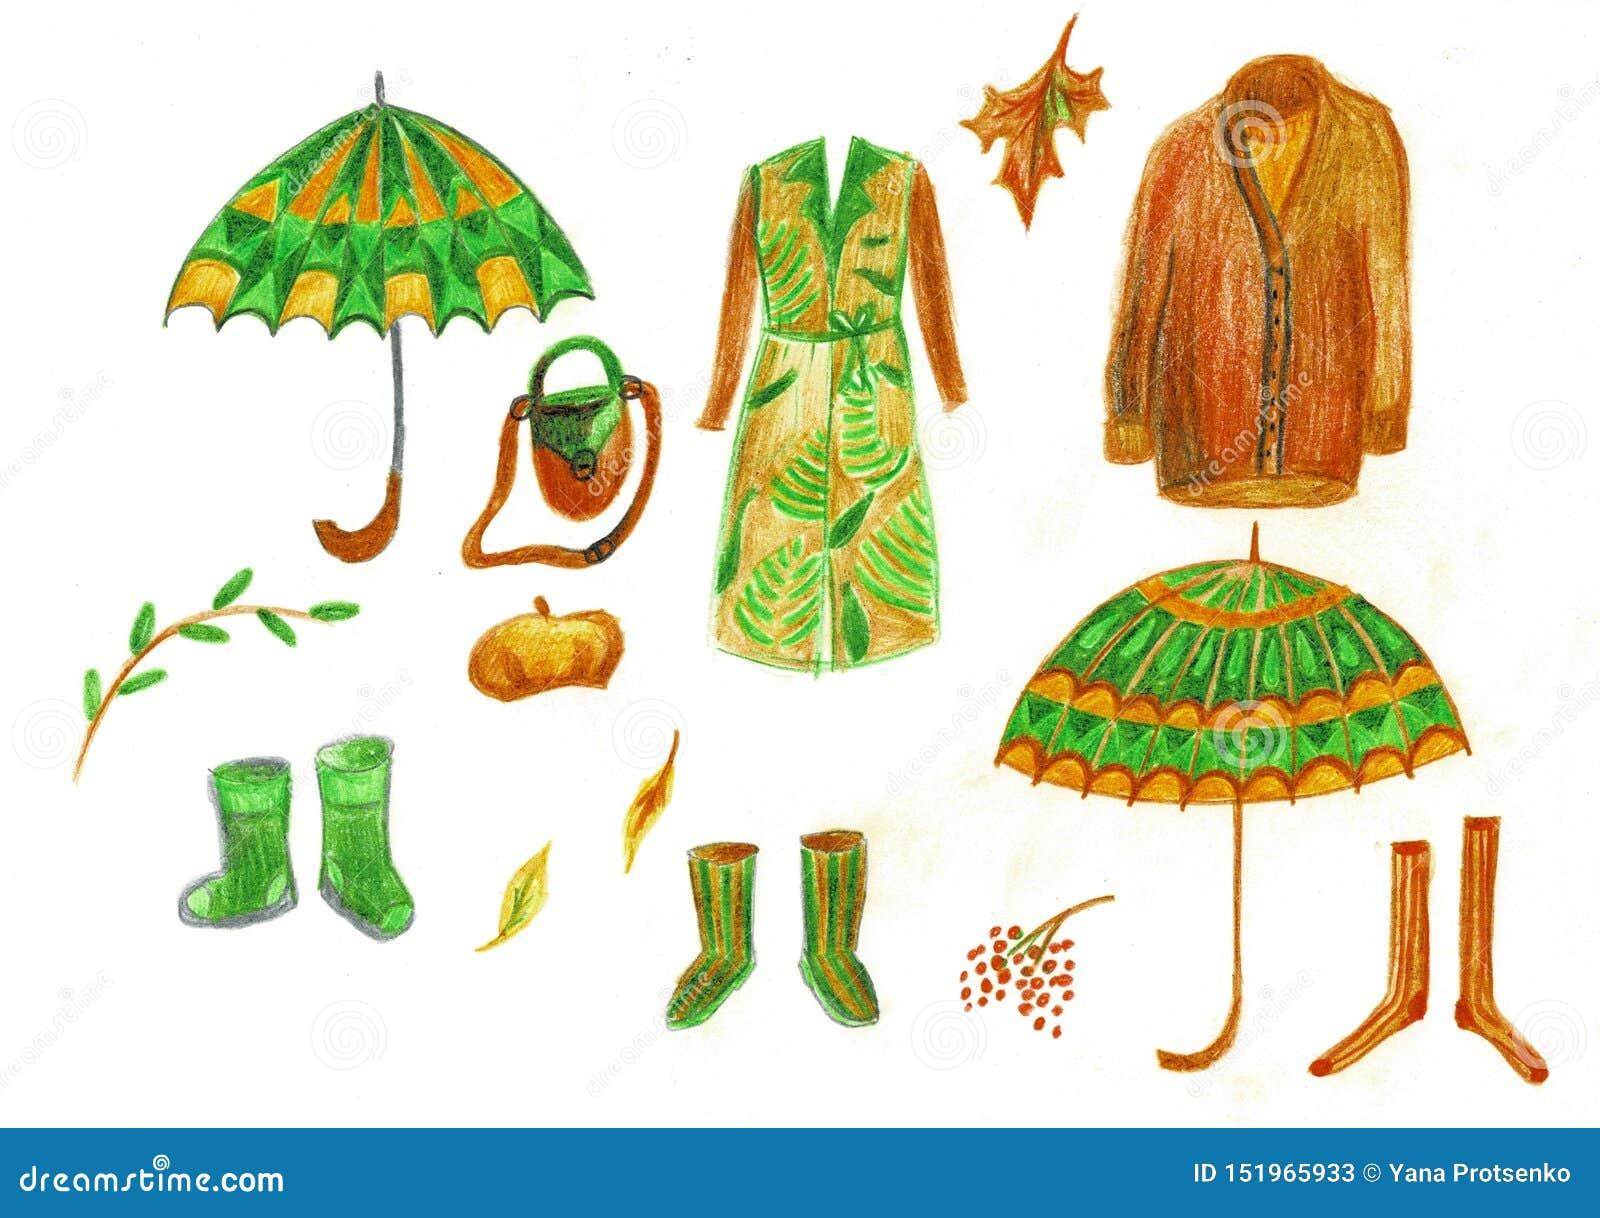 Ilustração do vestuário do inverno do outono, dos guarda-chuvas e das botas de borracha Revestimento clássico